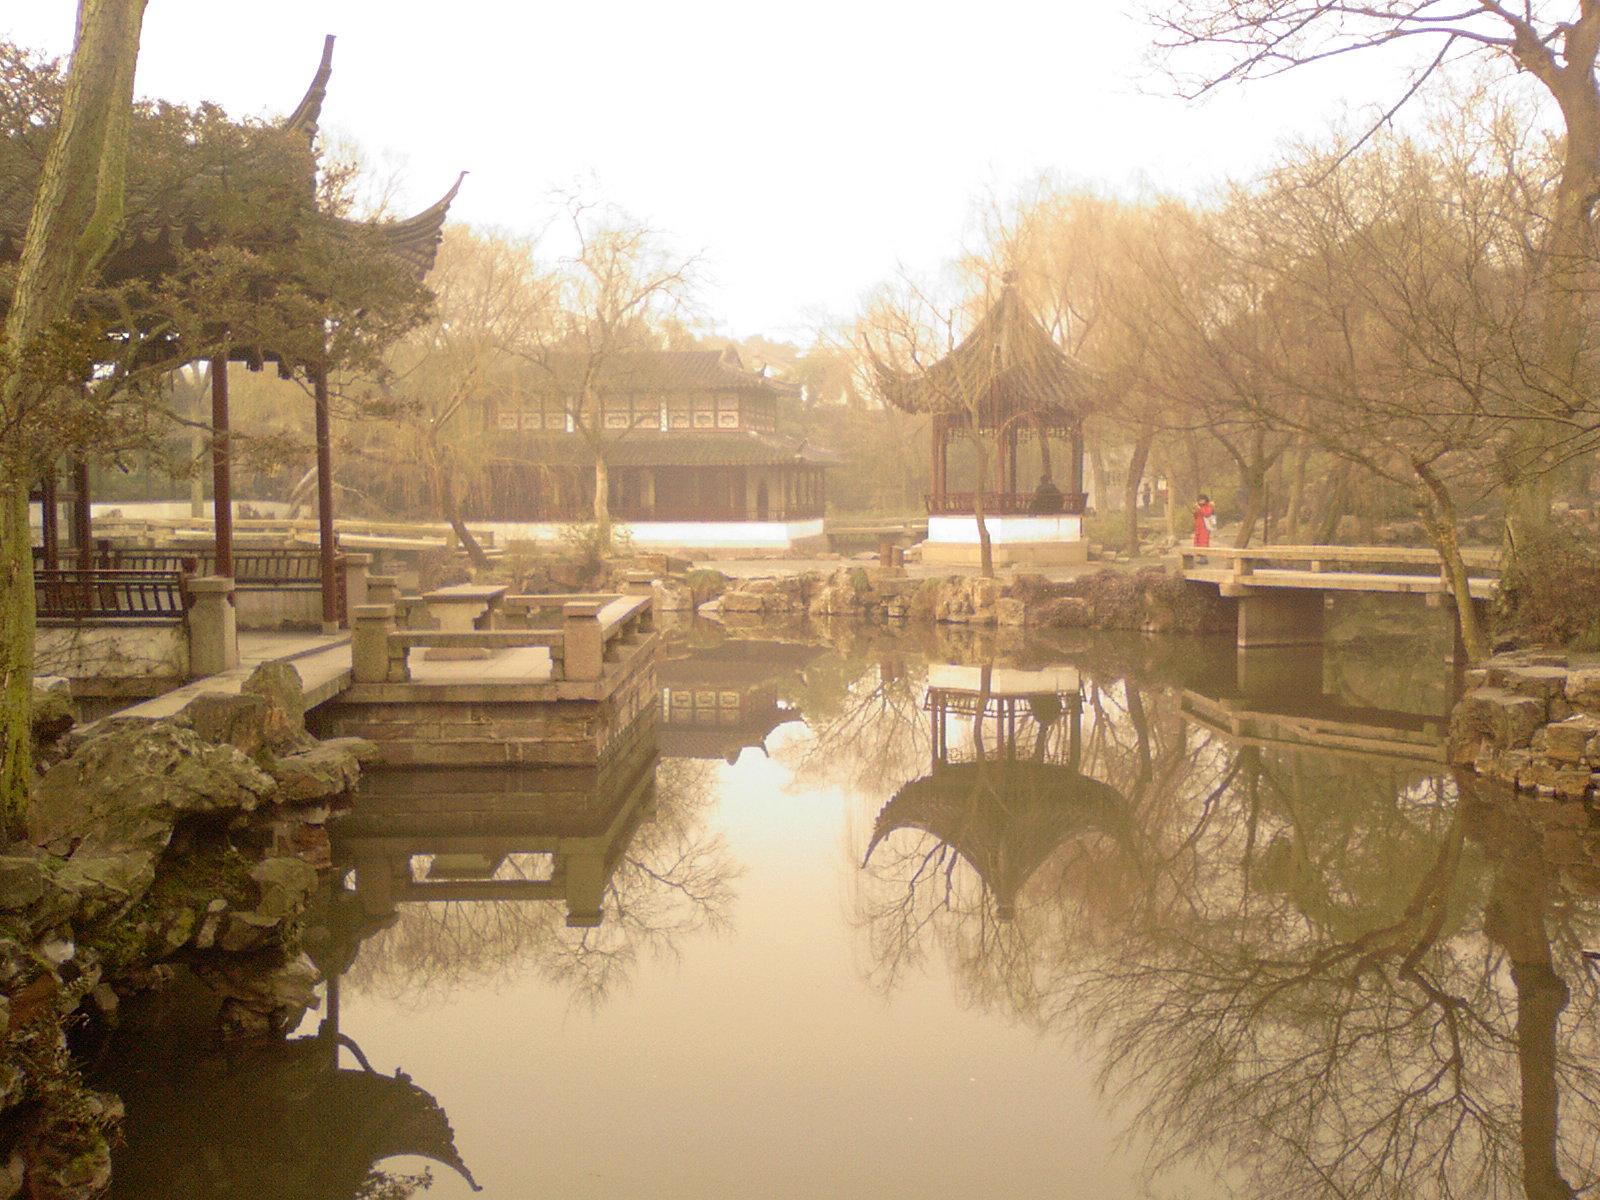 【携程攻略】江苏拙政园适合家庭亲子旅游吗